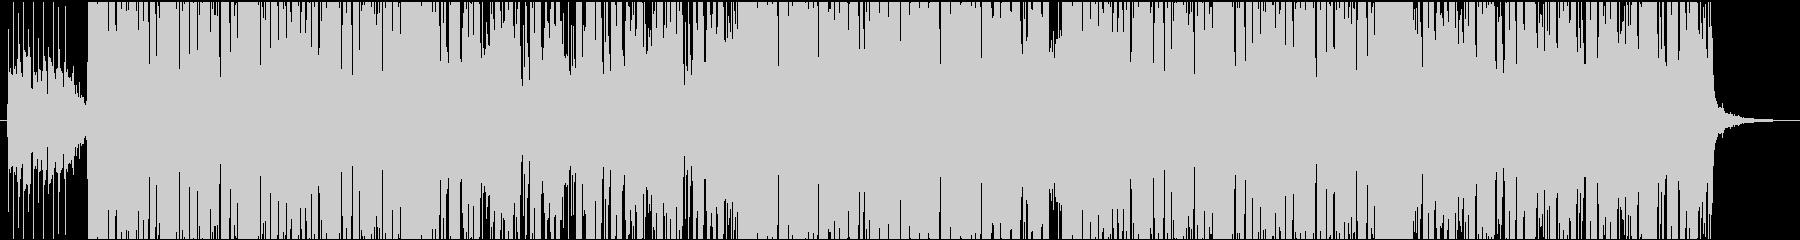 電気研究所技術発見のテーマ。ハイテ...の未再生の波形